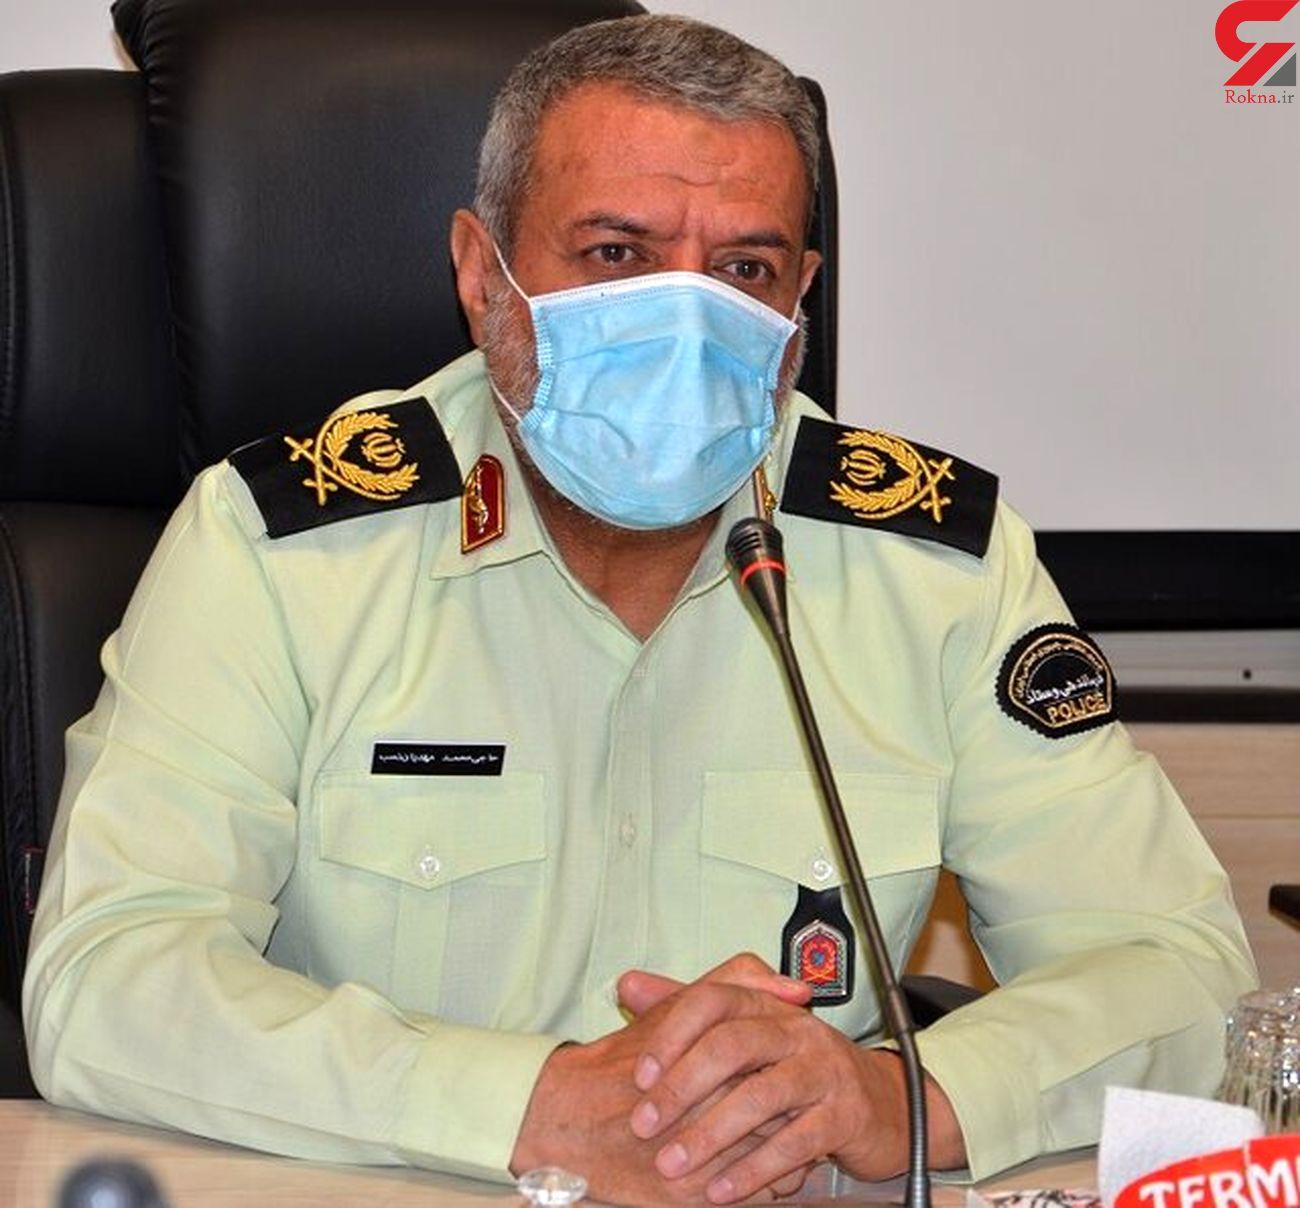 دستگیری سارق ۱۰ میلیارد طلا در کوهدشت